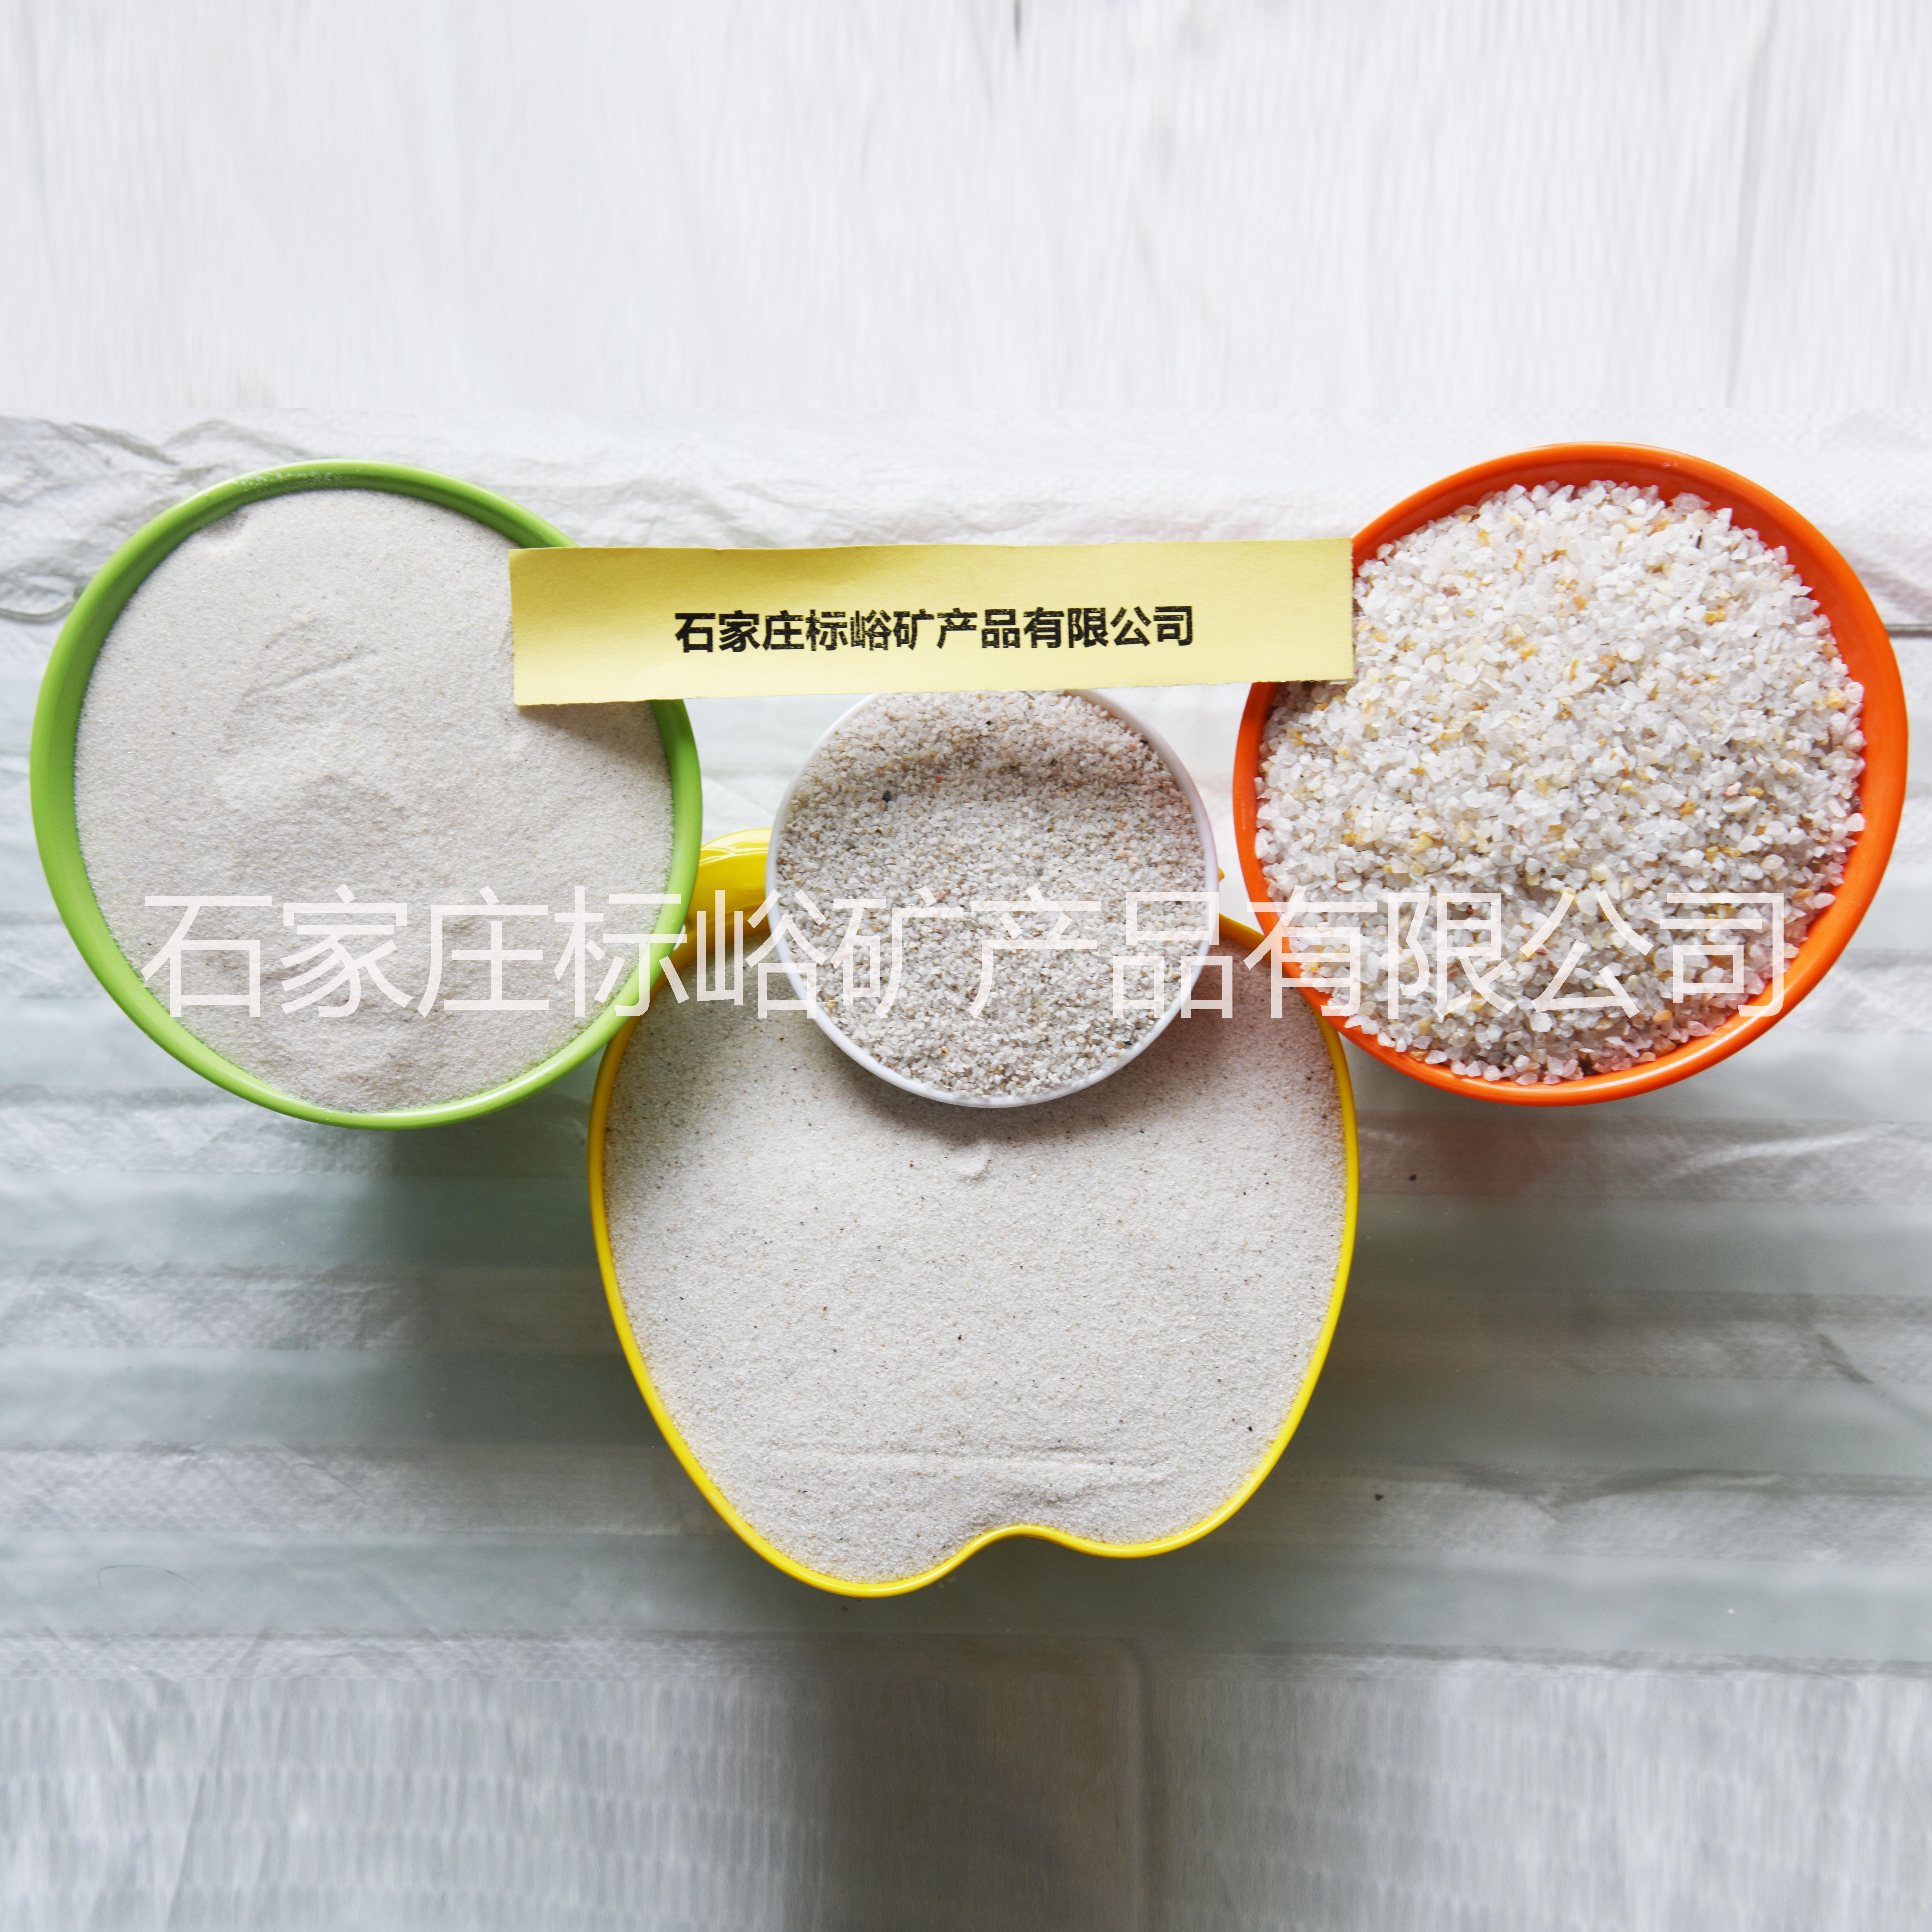 供应高纯净水滤料石英砂 喷砂用精制石英砂 量大优惠